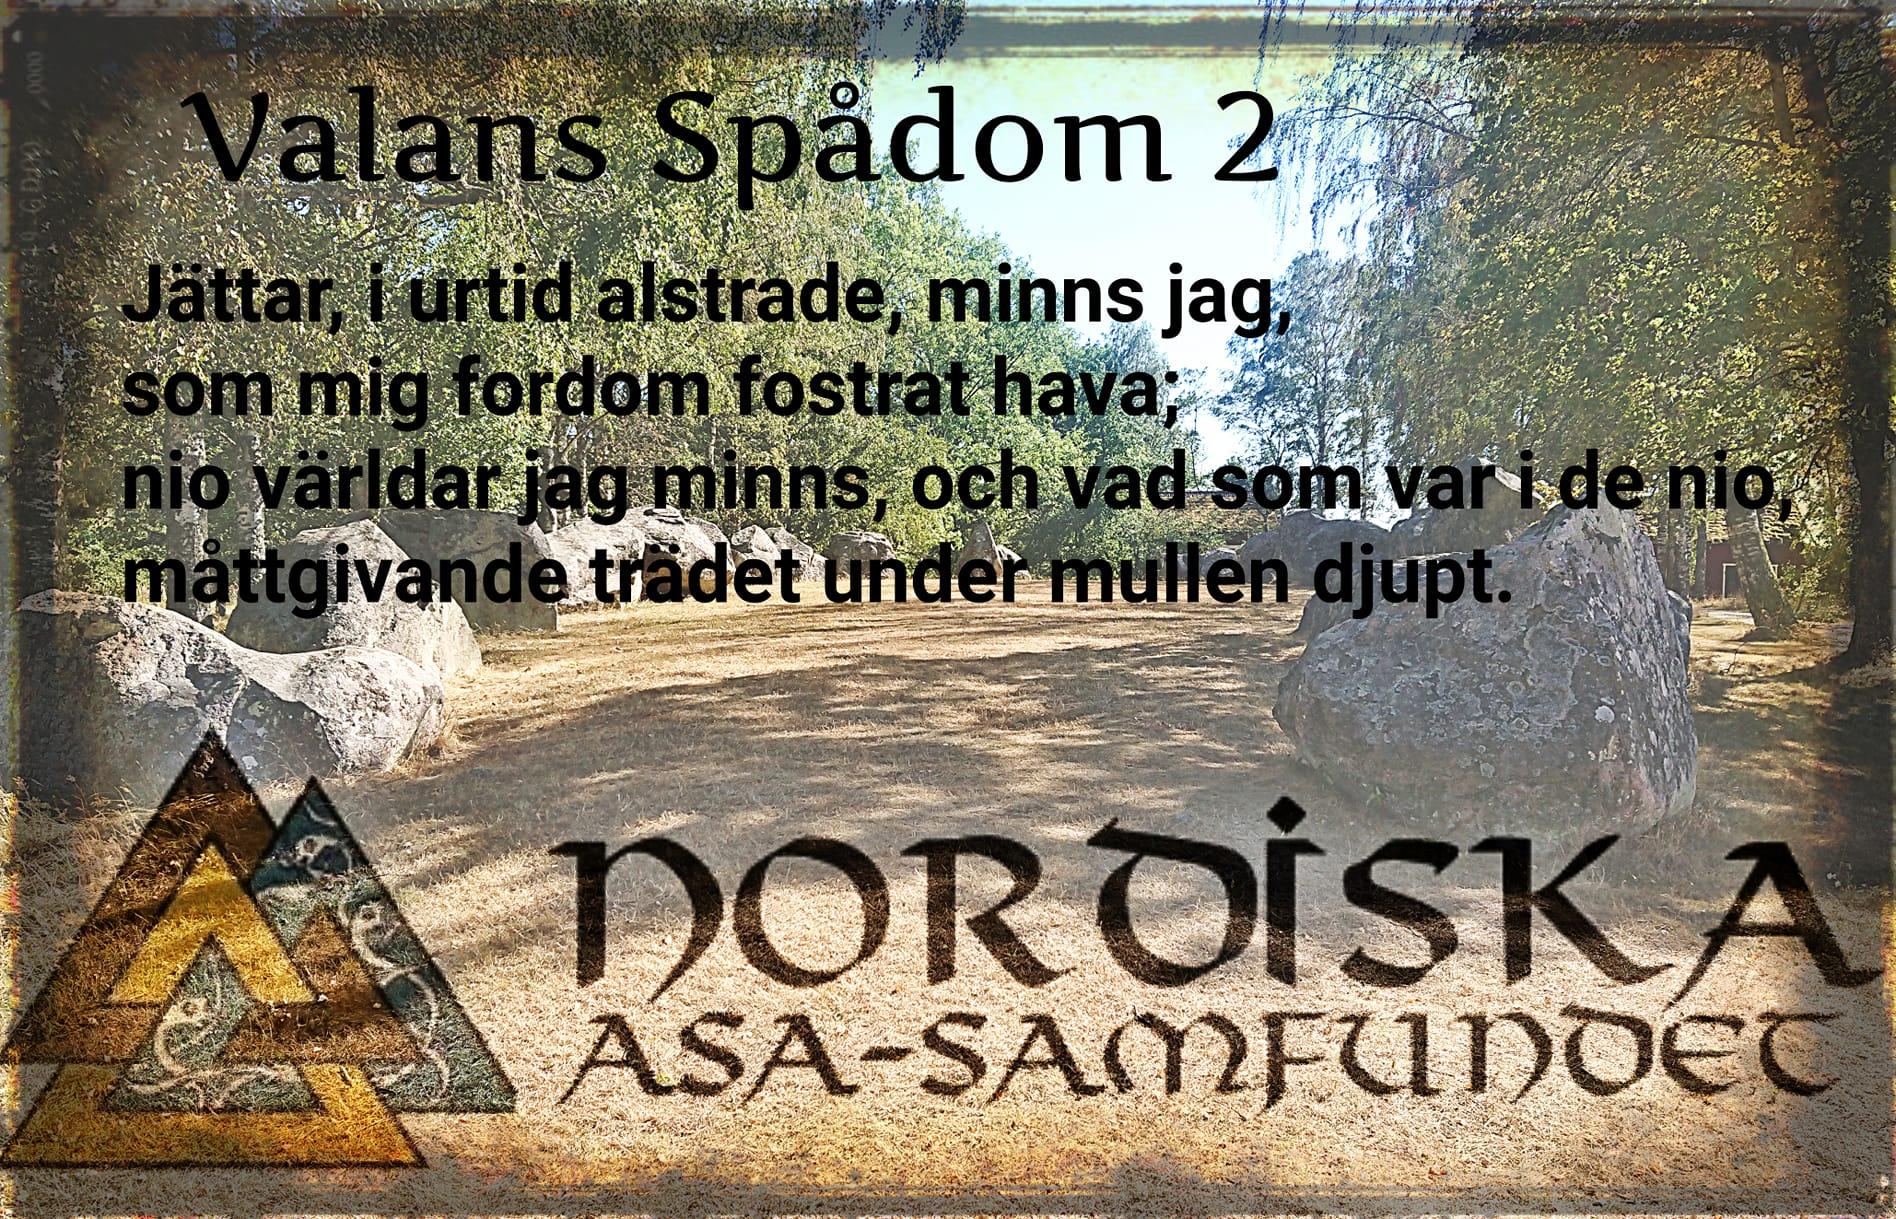 Valans-spadom-voluspa_vers02